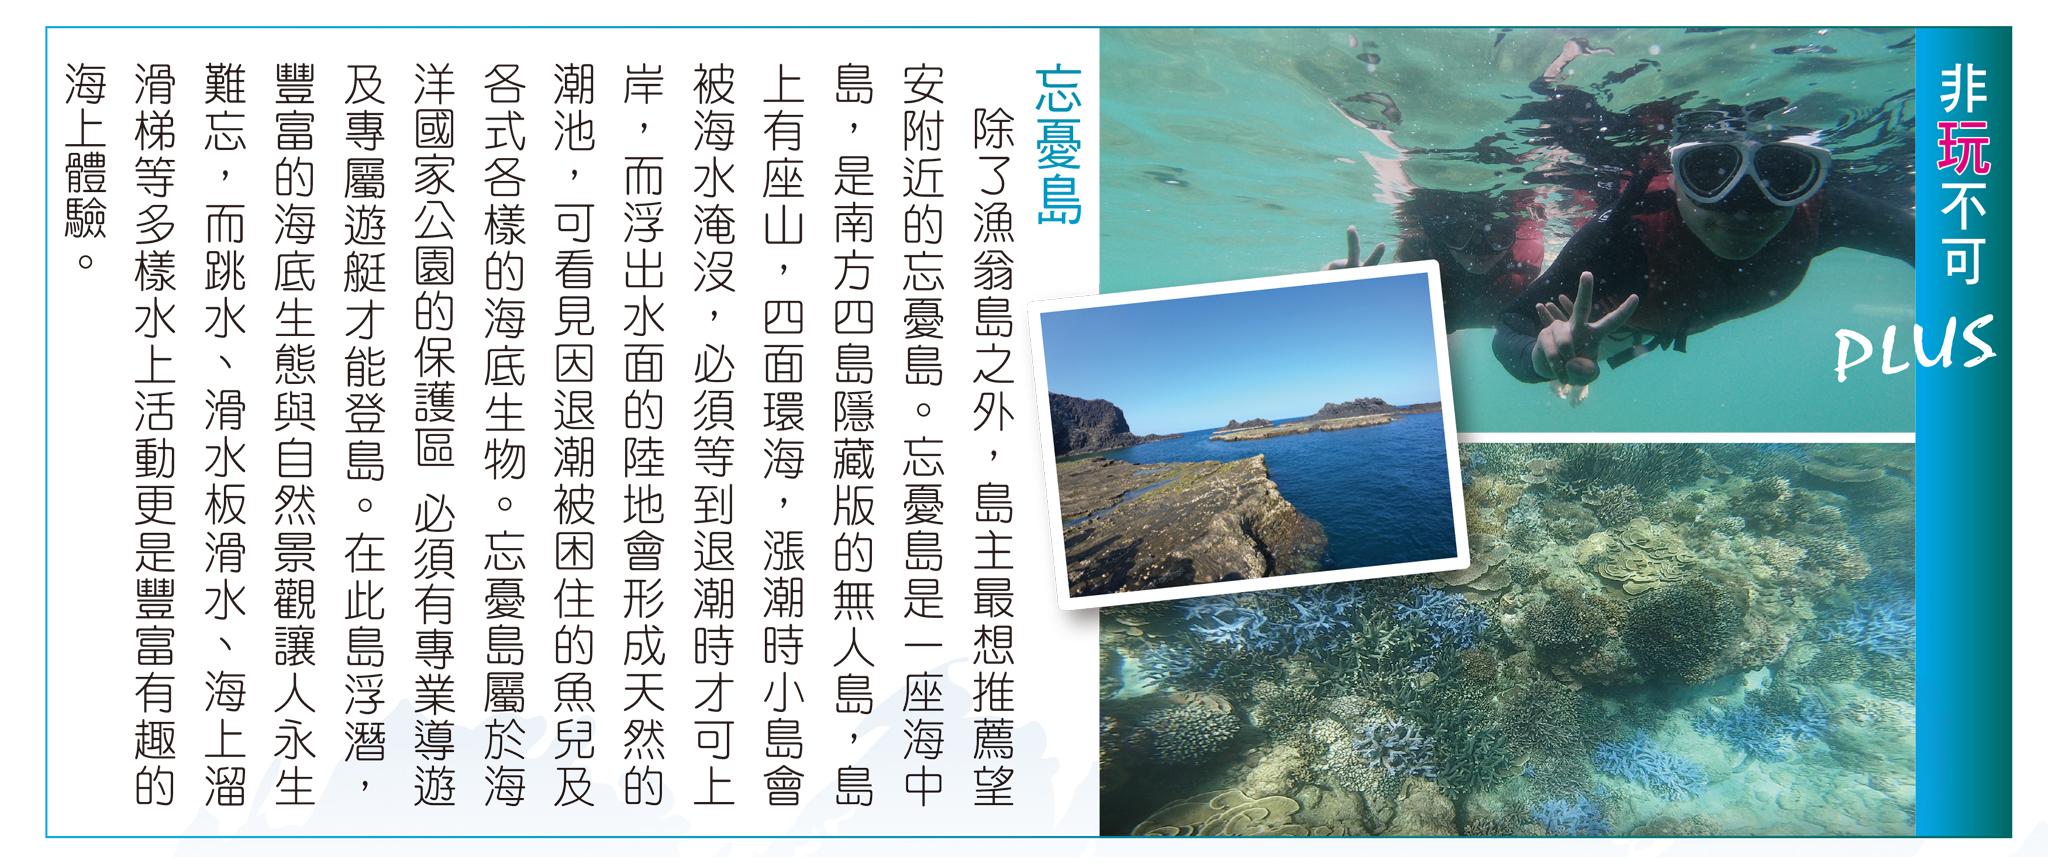 非玩不可PLUS—忘憂島,島主推薦必體驗豐富的水上活動。